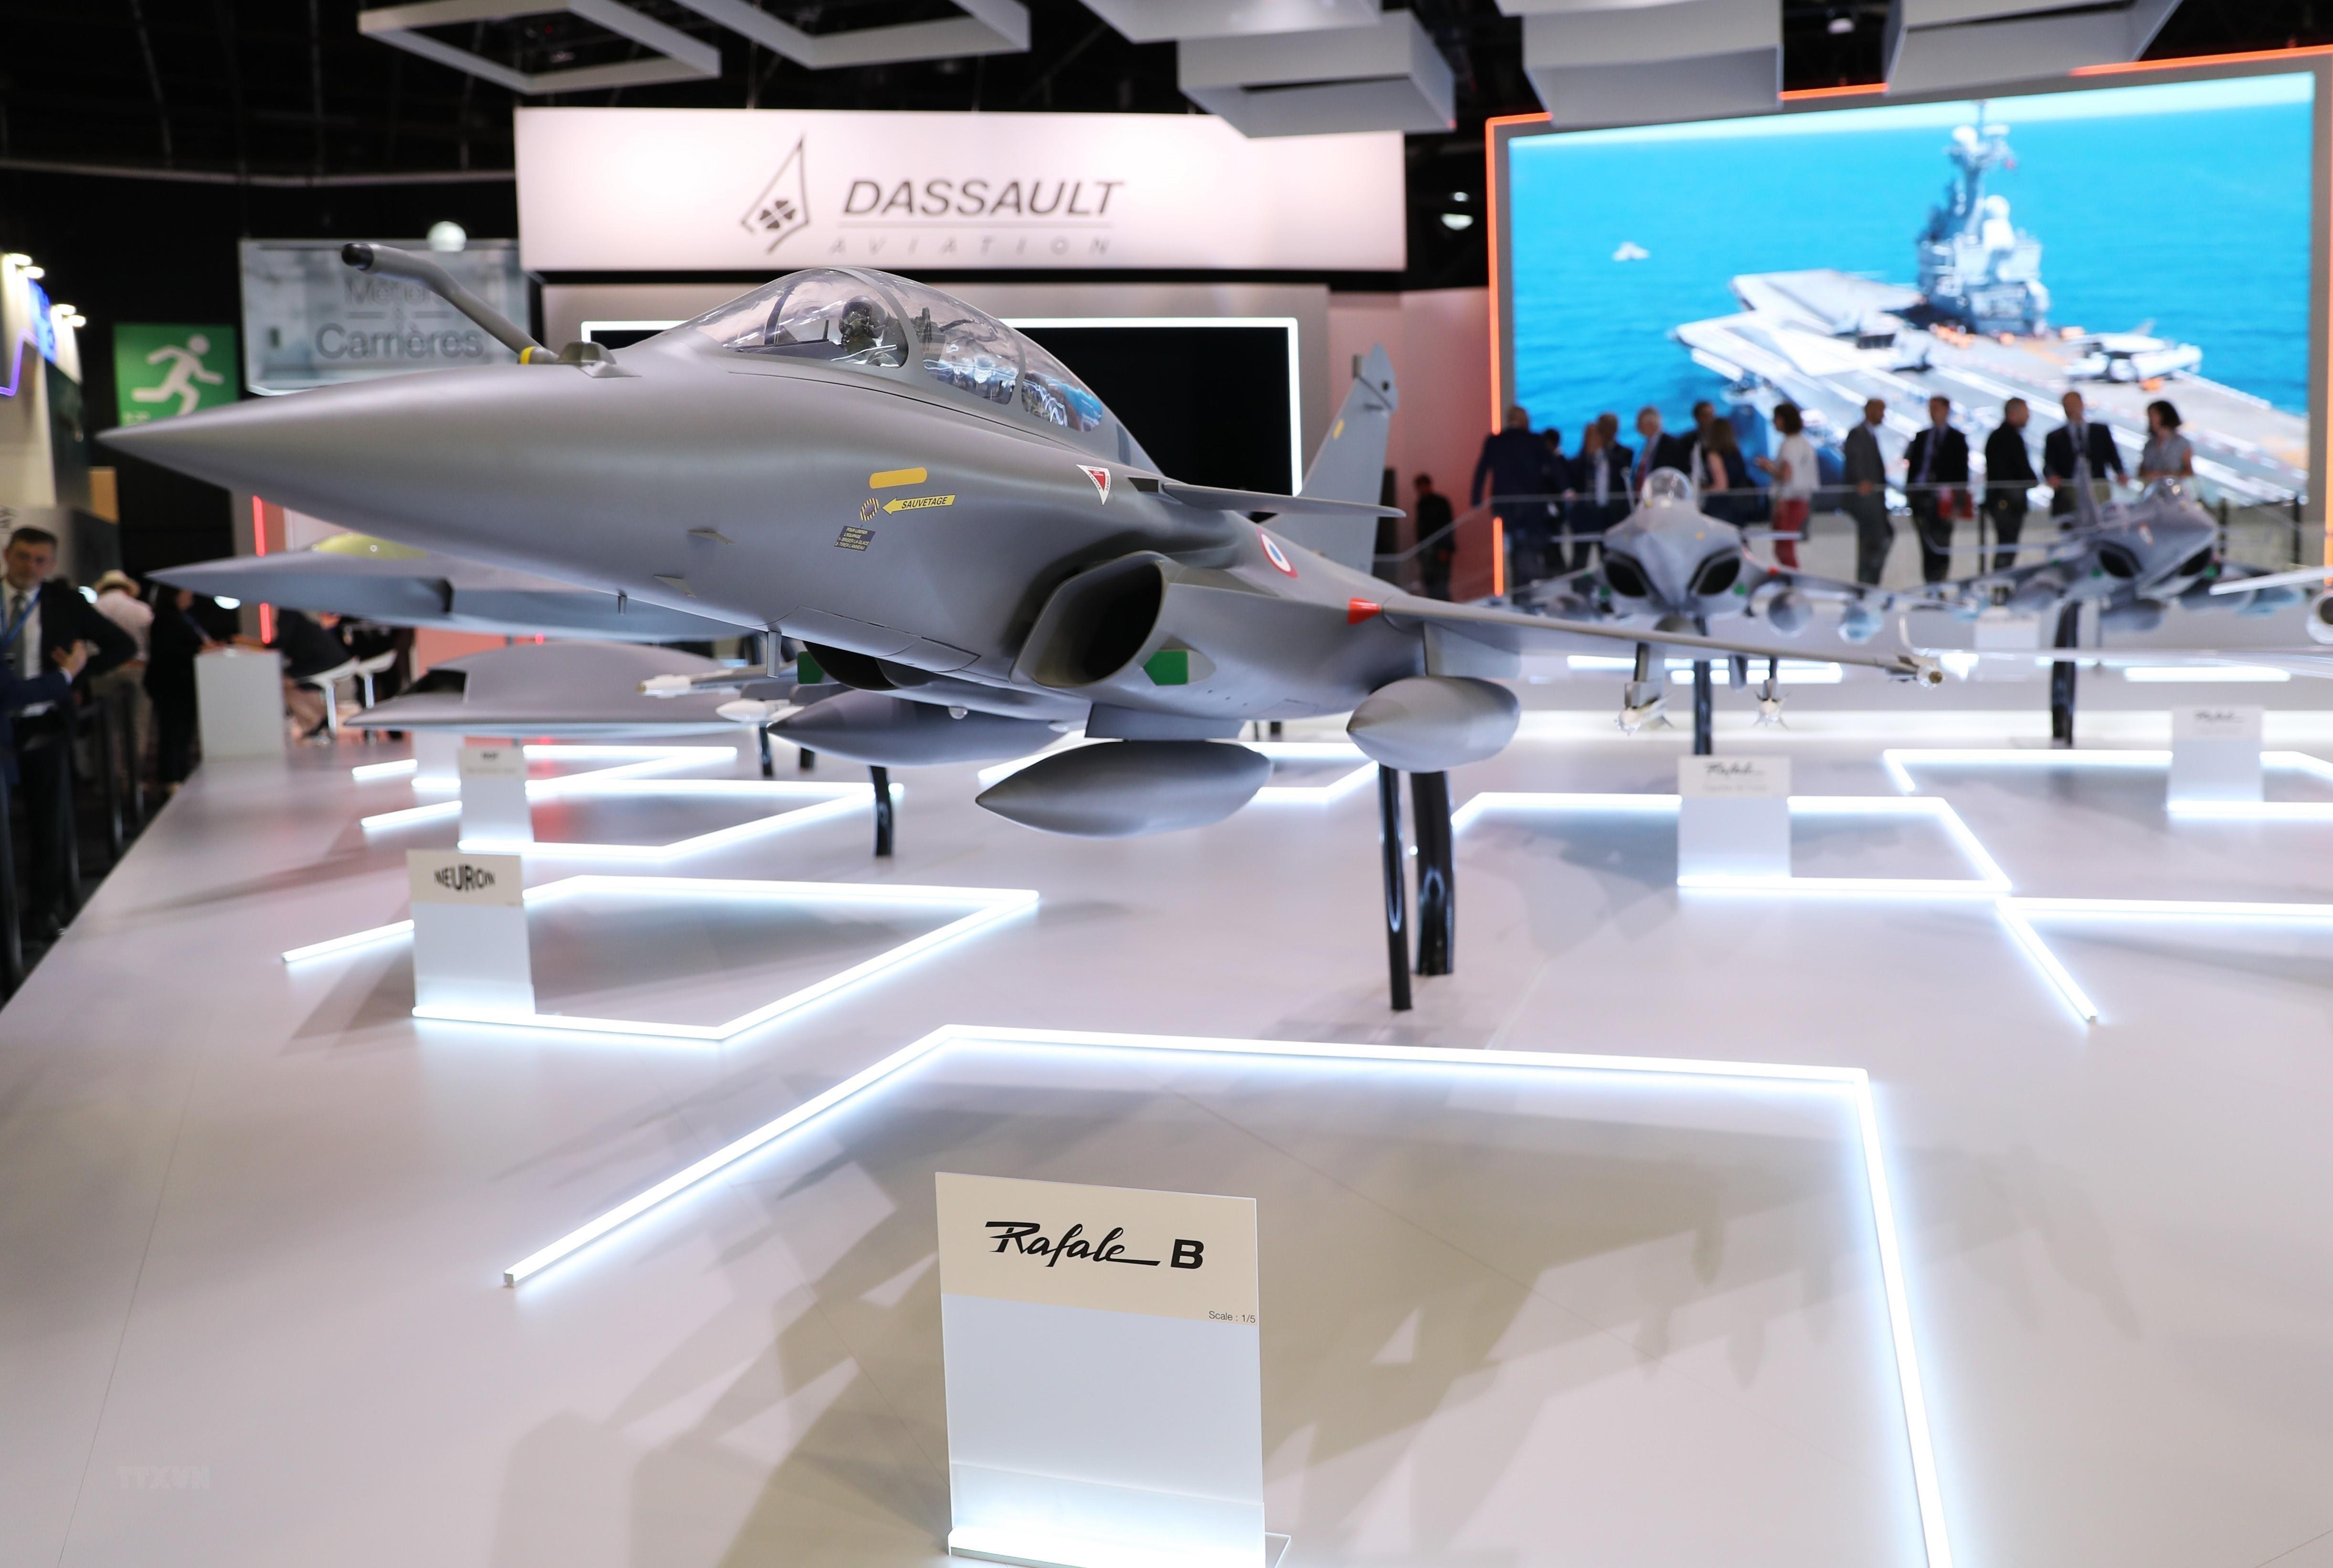 Ấn Độ sắp nhận 4 máy bay chiến đấu Rafale đầu tiên từ Pháp - Hình 1